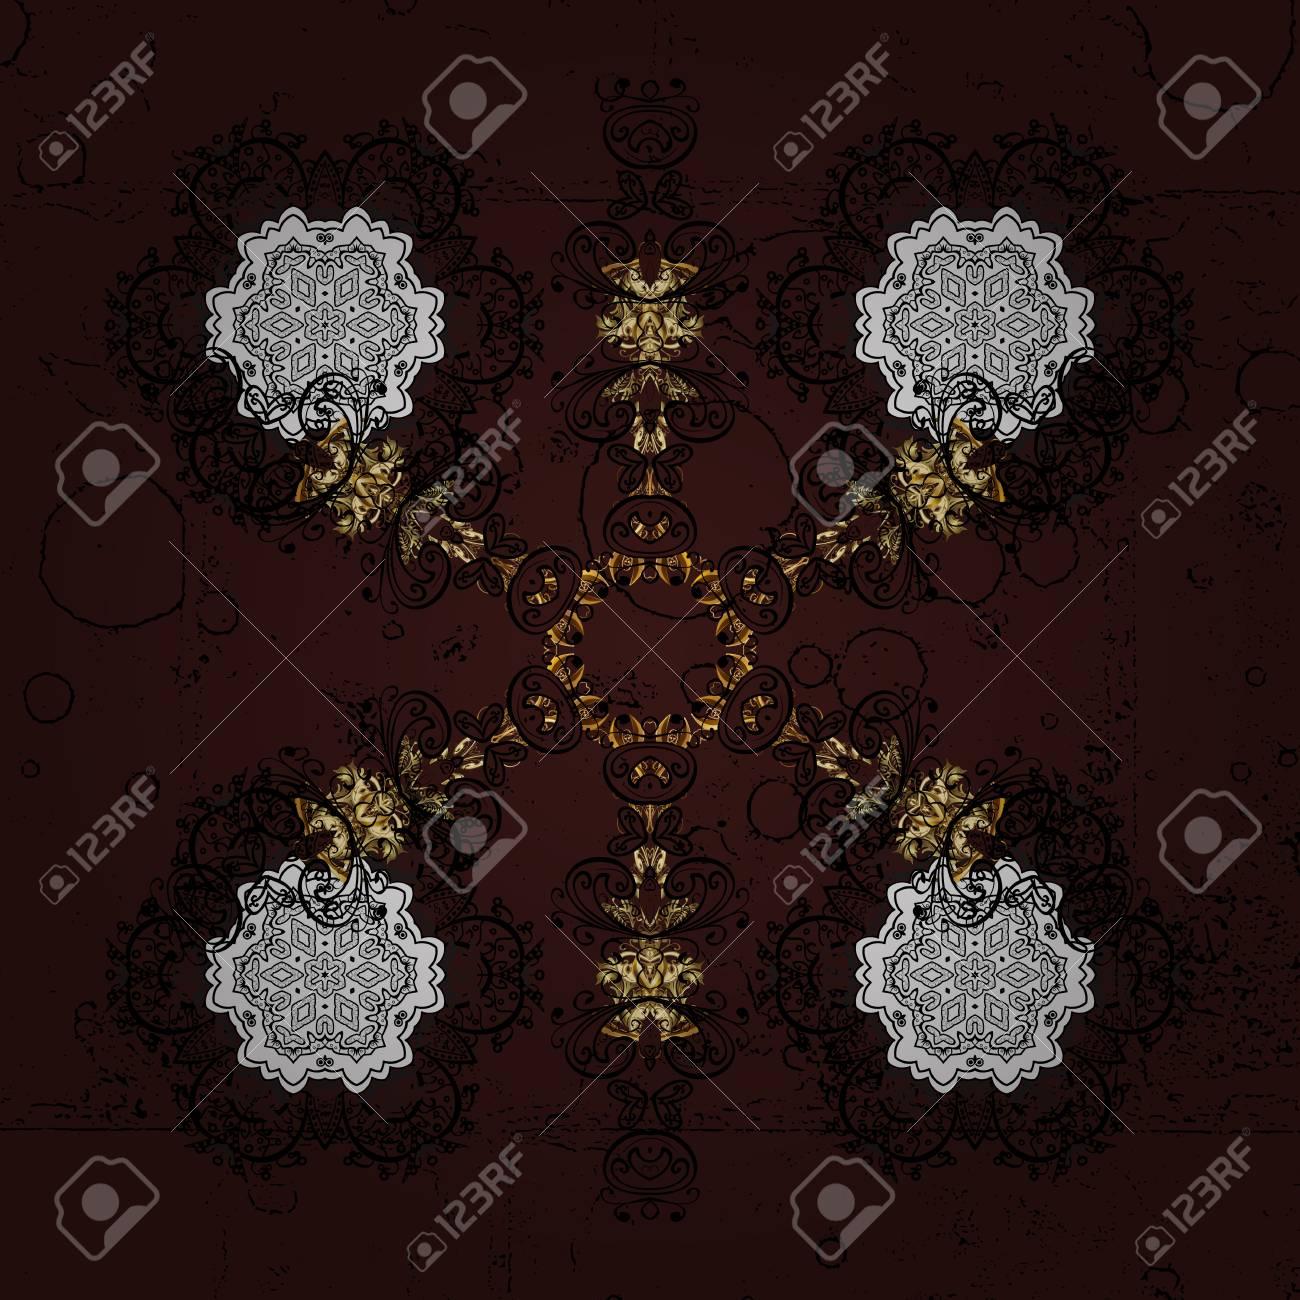 Un Copo De Nieve Elegante Zentangle. Ilustración De Invierno ...